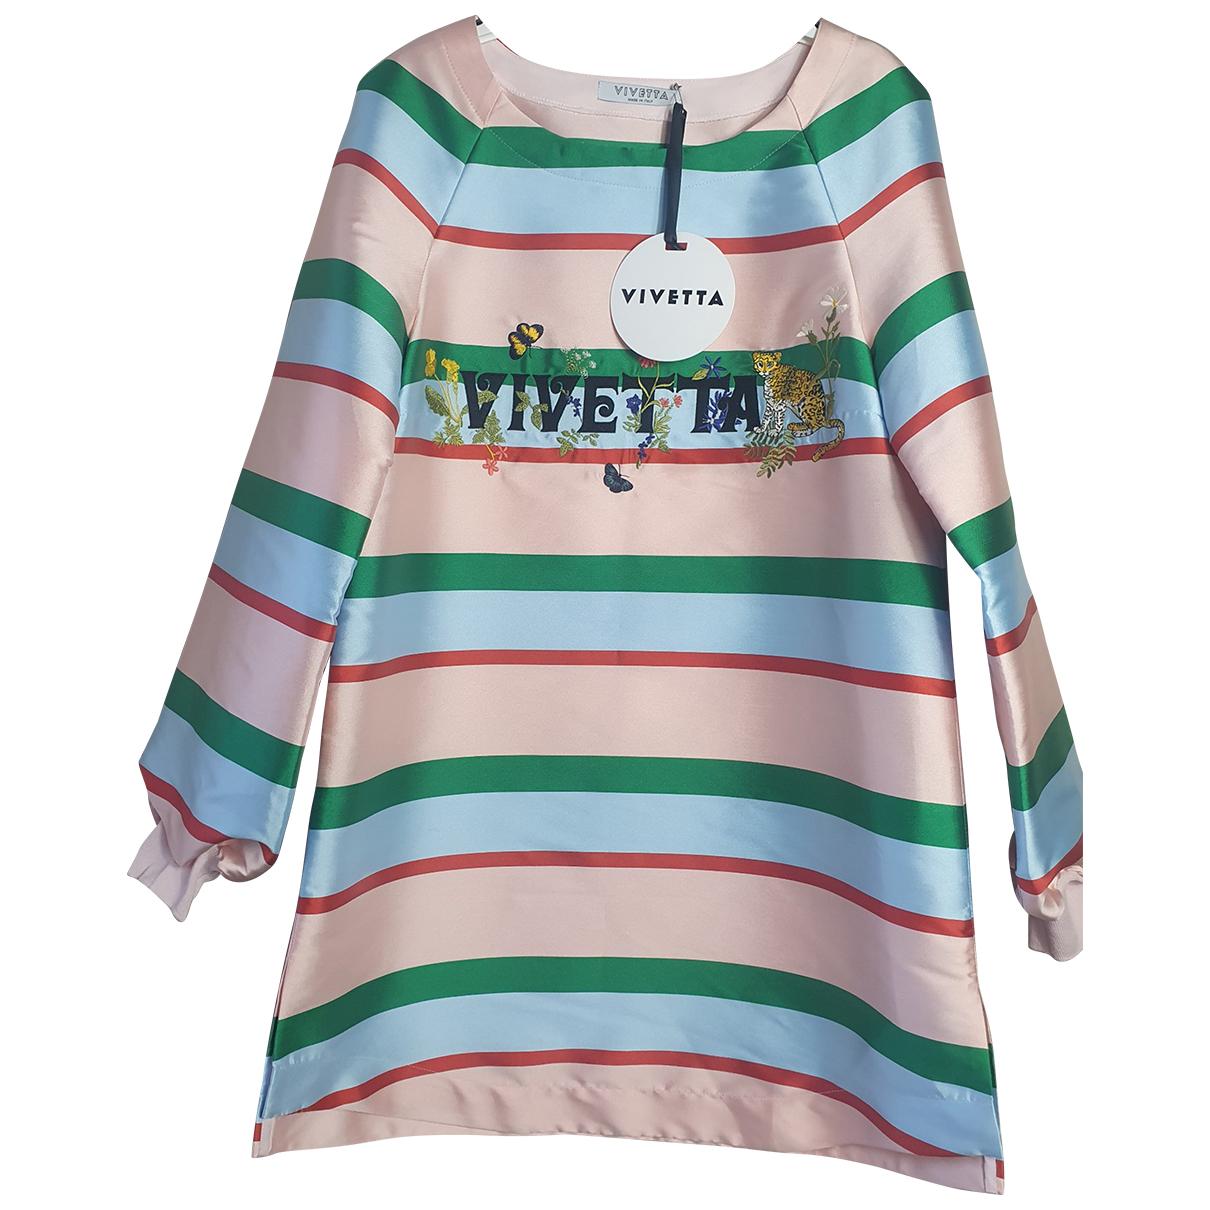 Vivetta - Robe   pour femme - multicolore